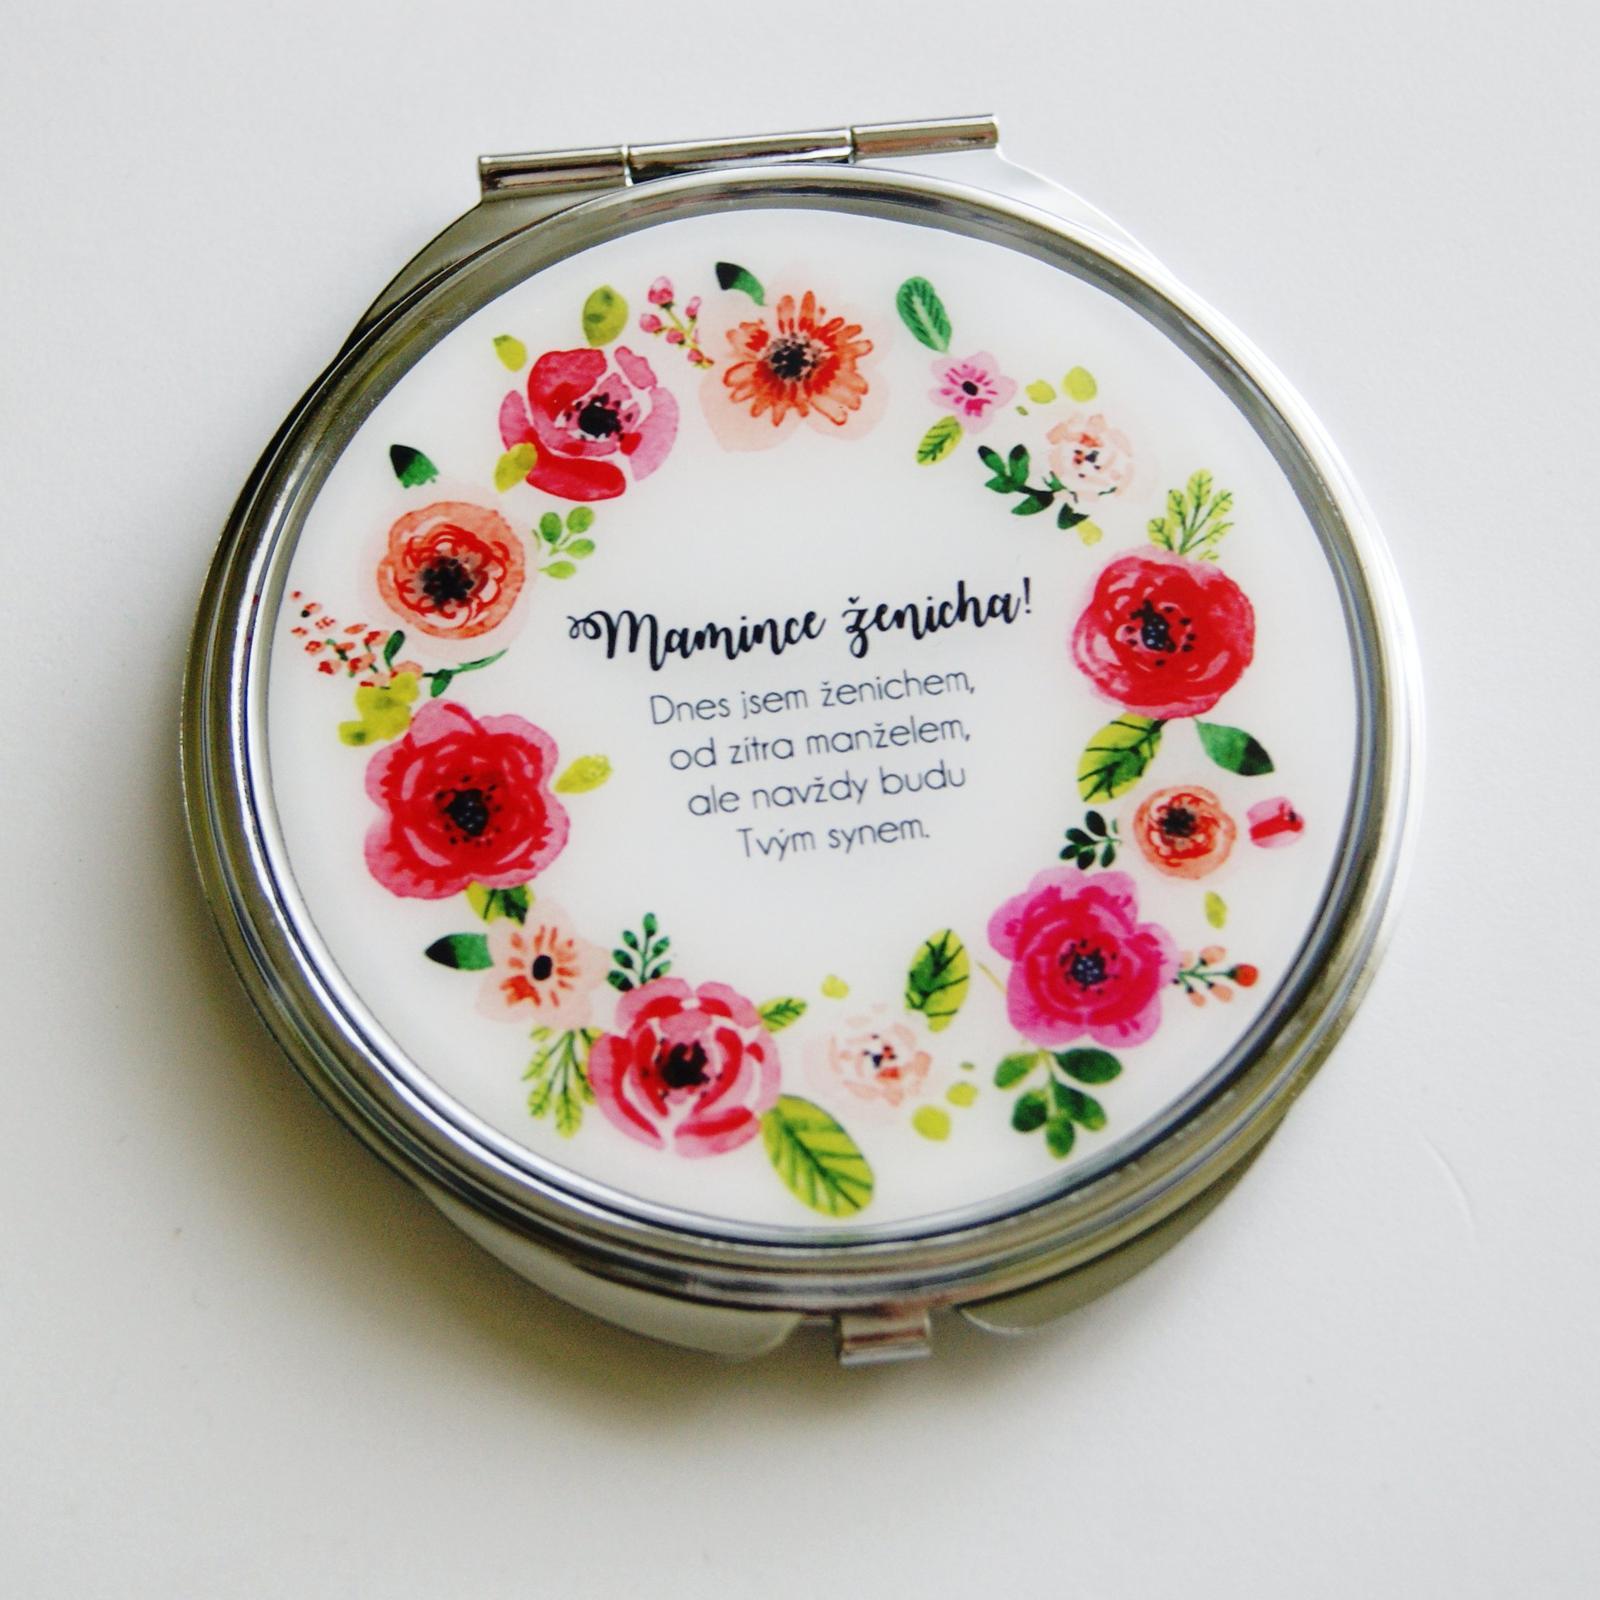 Svatební inspirace co jsem vyrobila 2018 - Dárky na svatbu podle Vašeho přání si objednávejte na eshopu >> https://designempathy.cz/doplnky-na-prani/